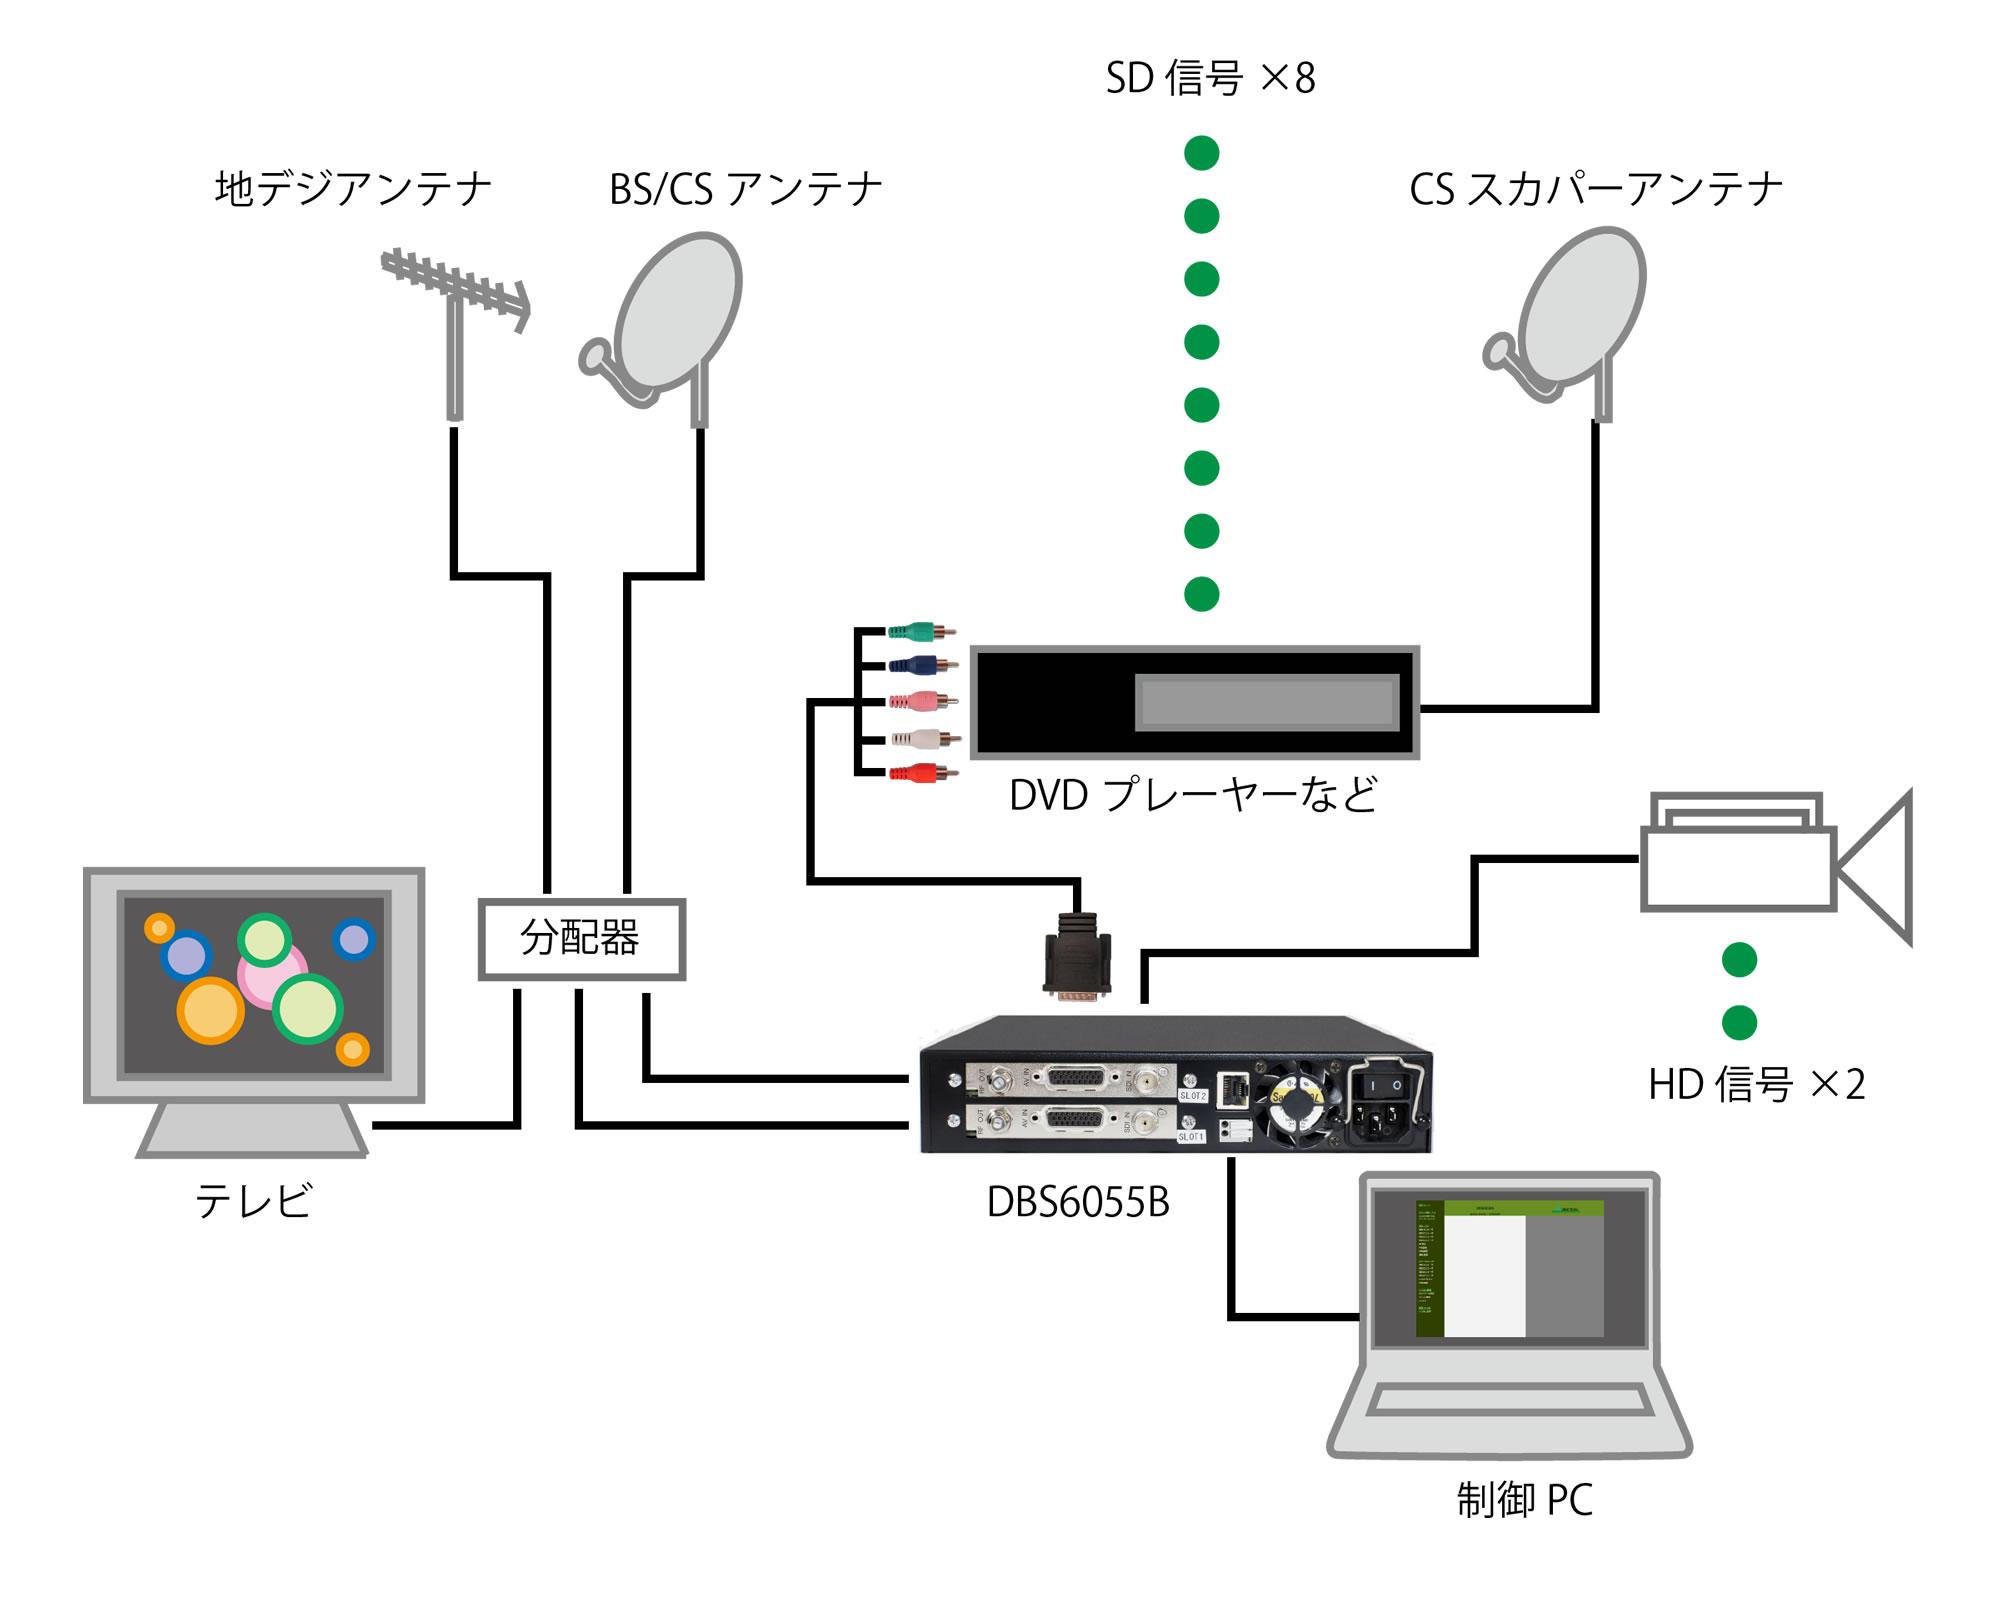 エンコーダ内蔵 OFDM変調器